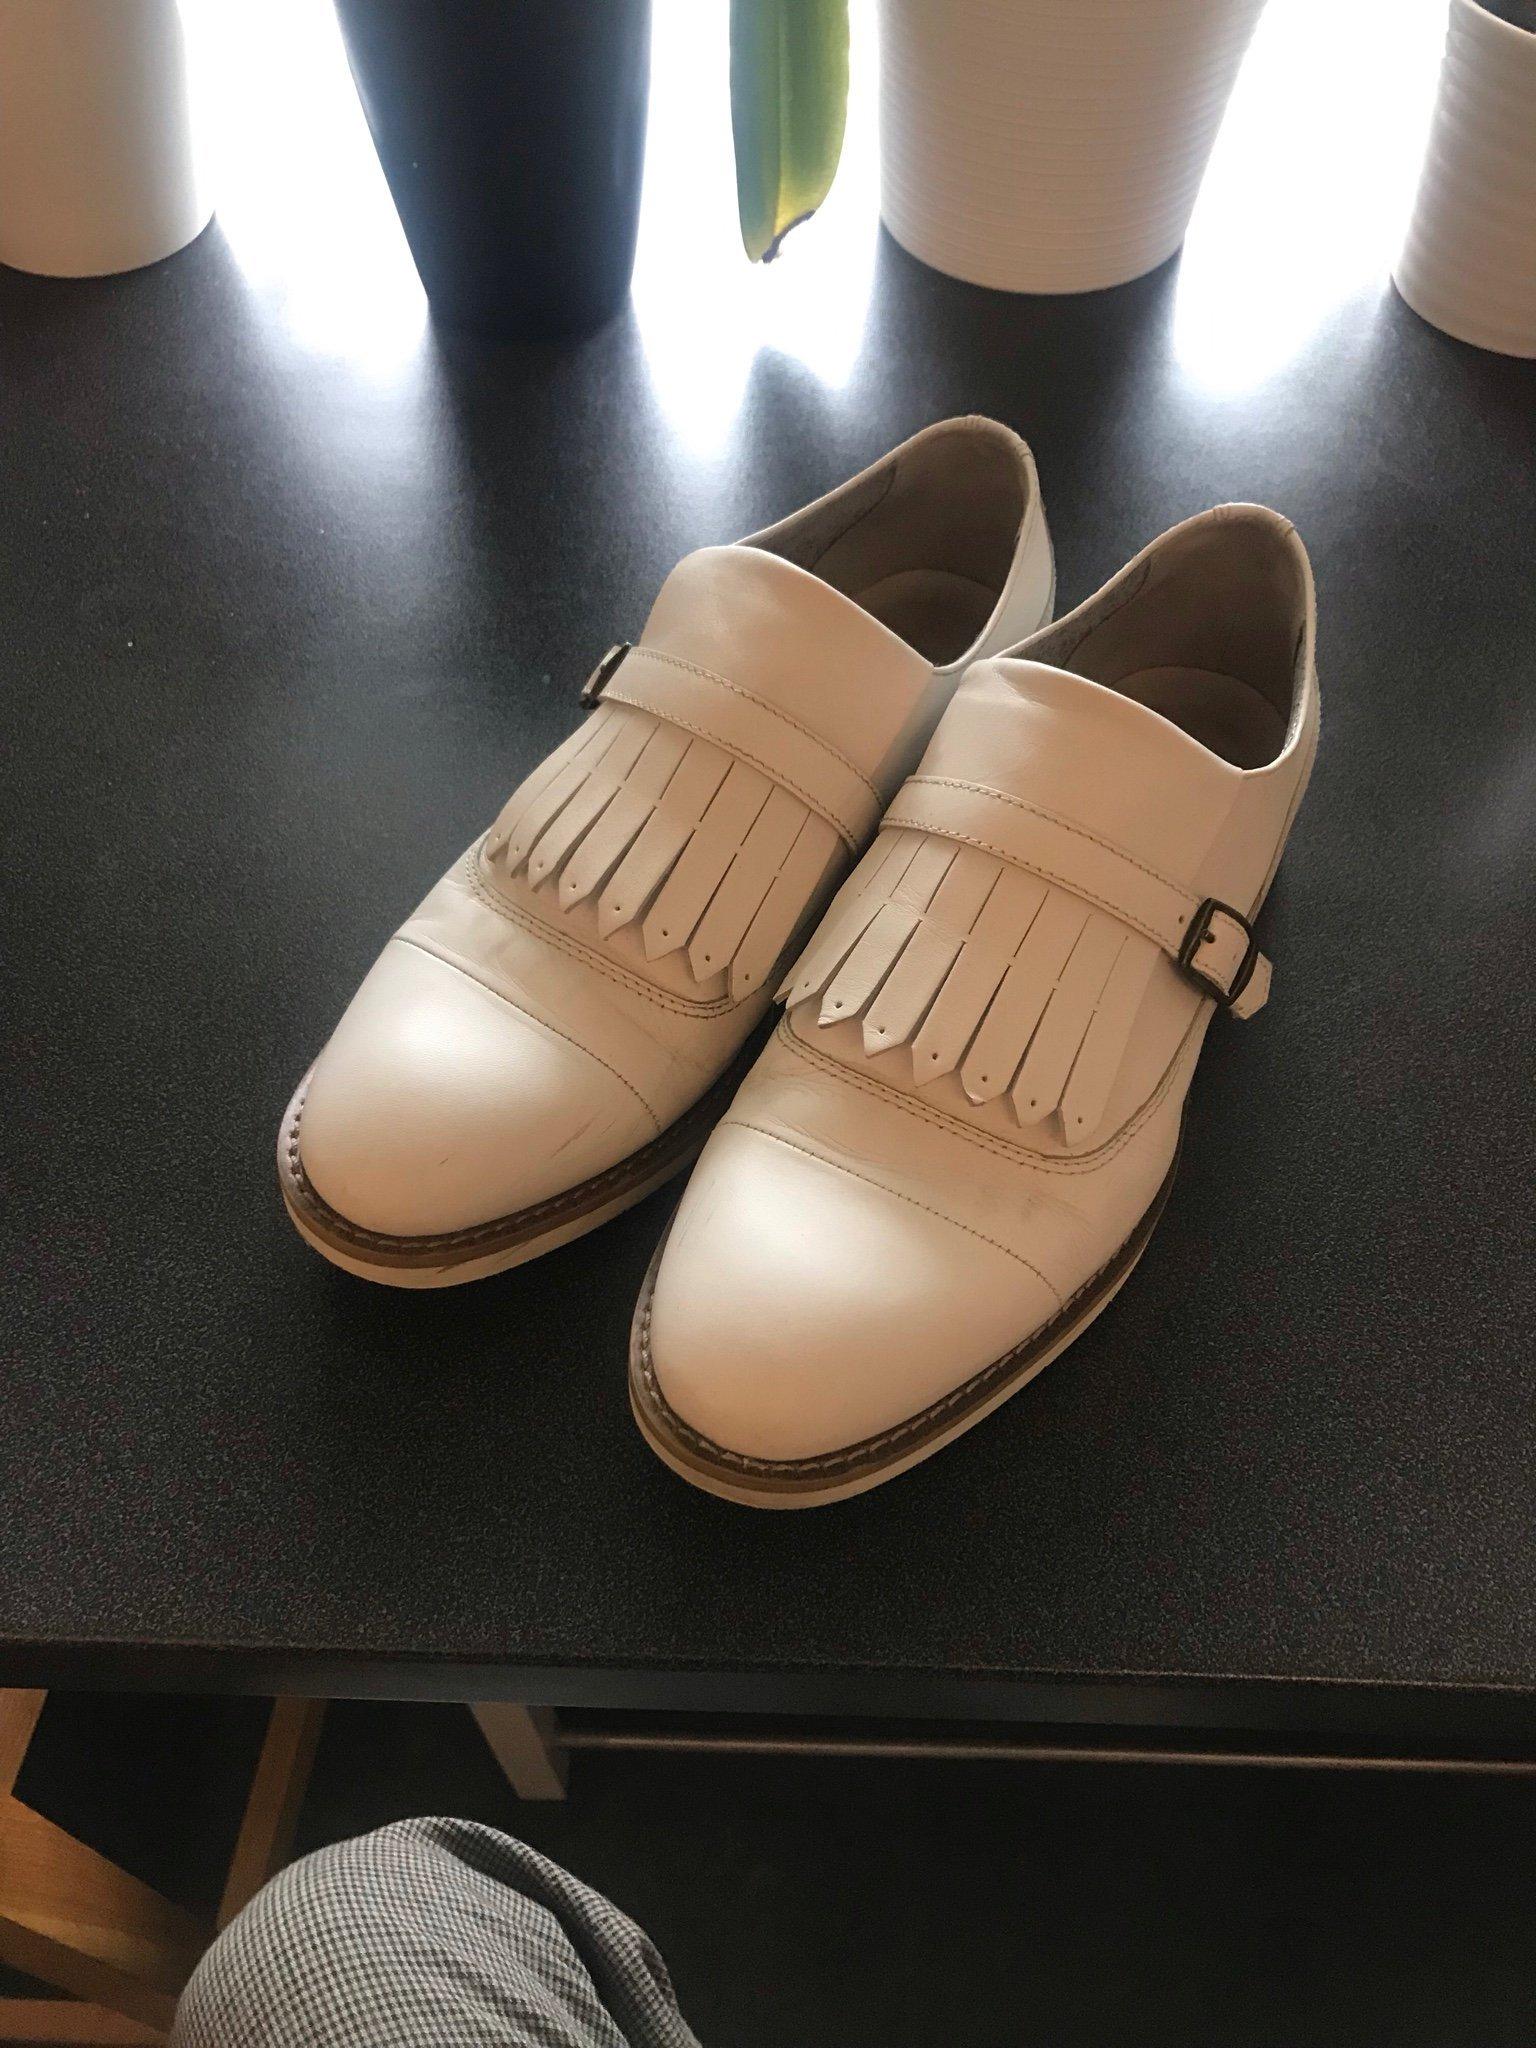 56b7b3b62be Vita läder vagabond skor strl 39 (349284634) ᐈ Köp på Tradera